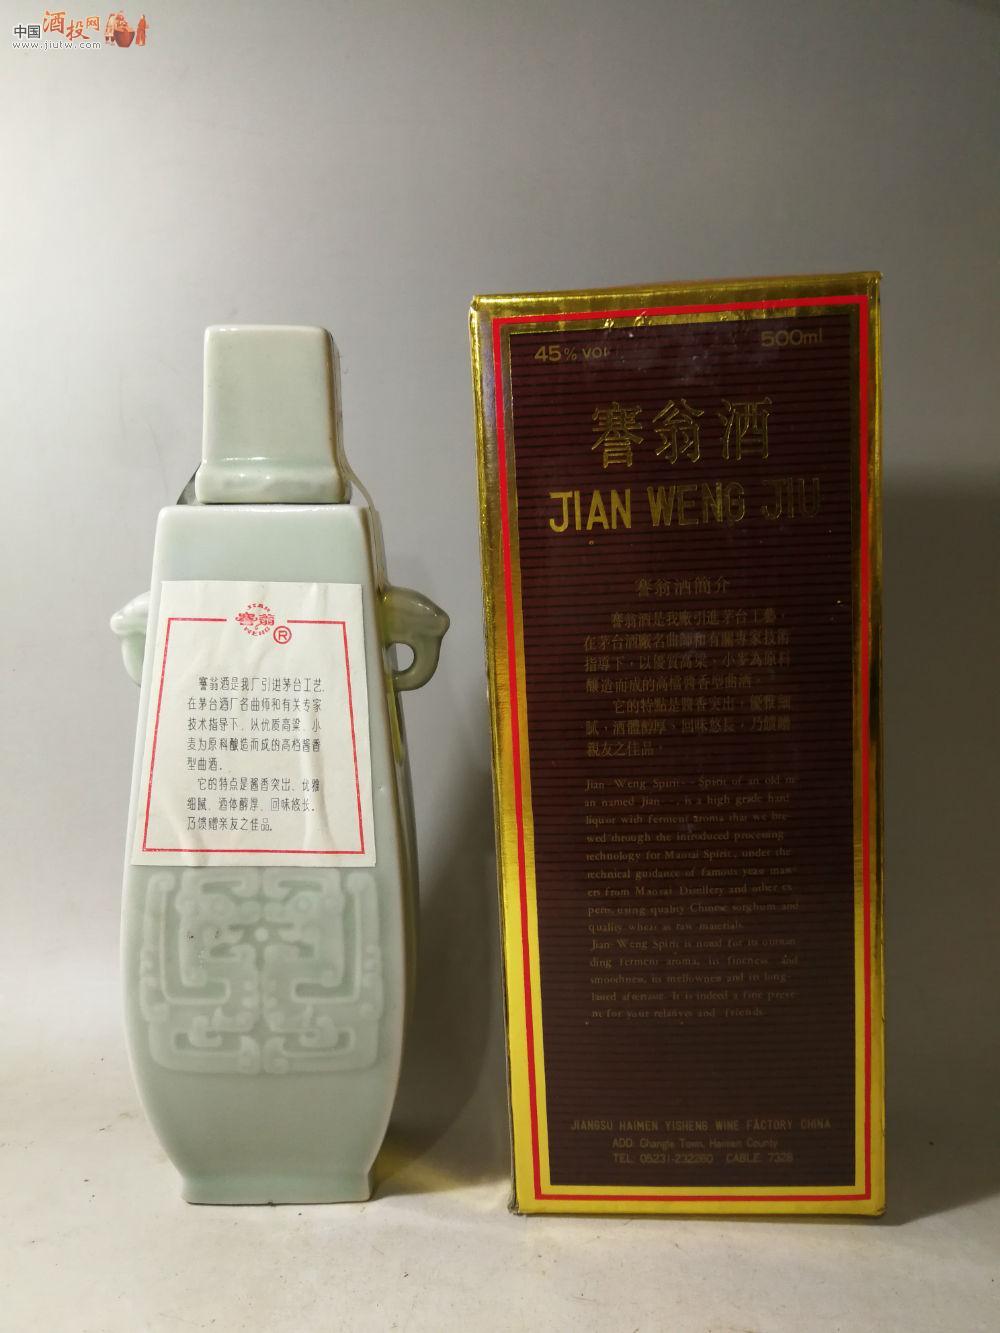 ▇▇▇▇▇▇==超罕见孤品级江苏酱香被誉为江苏茅台的===謇翁酒.